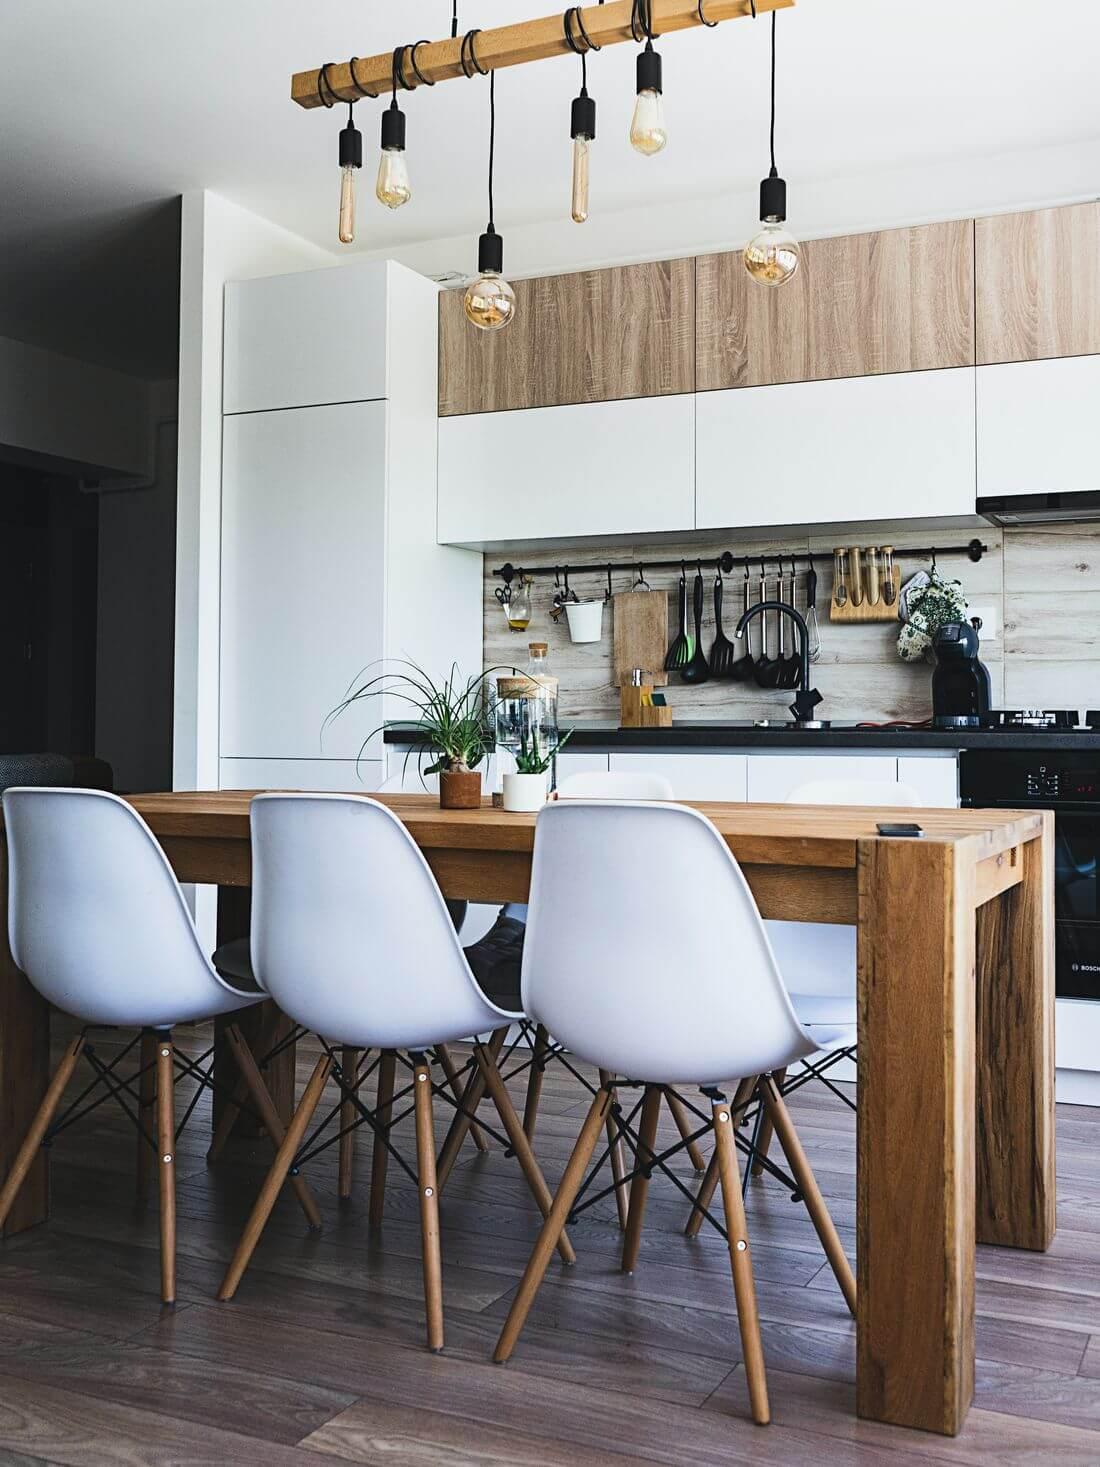 Kuchnia Loft w Stylu Industrialnym w mieszkaniu loftowym z drewnianym stołem, białymi krzesłami i wiszącymi żarówkami